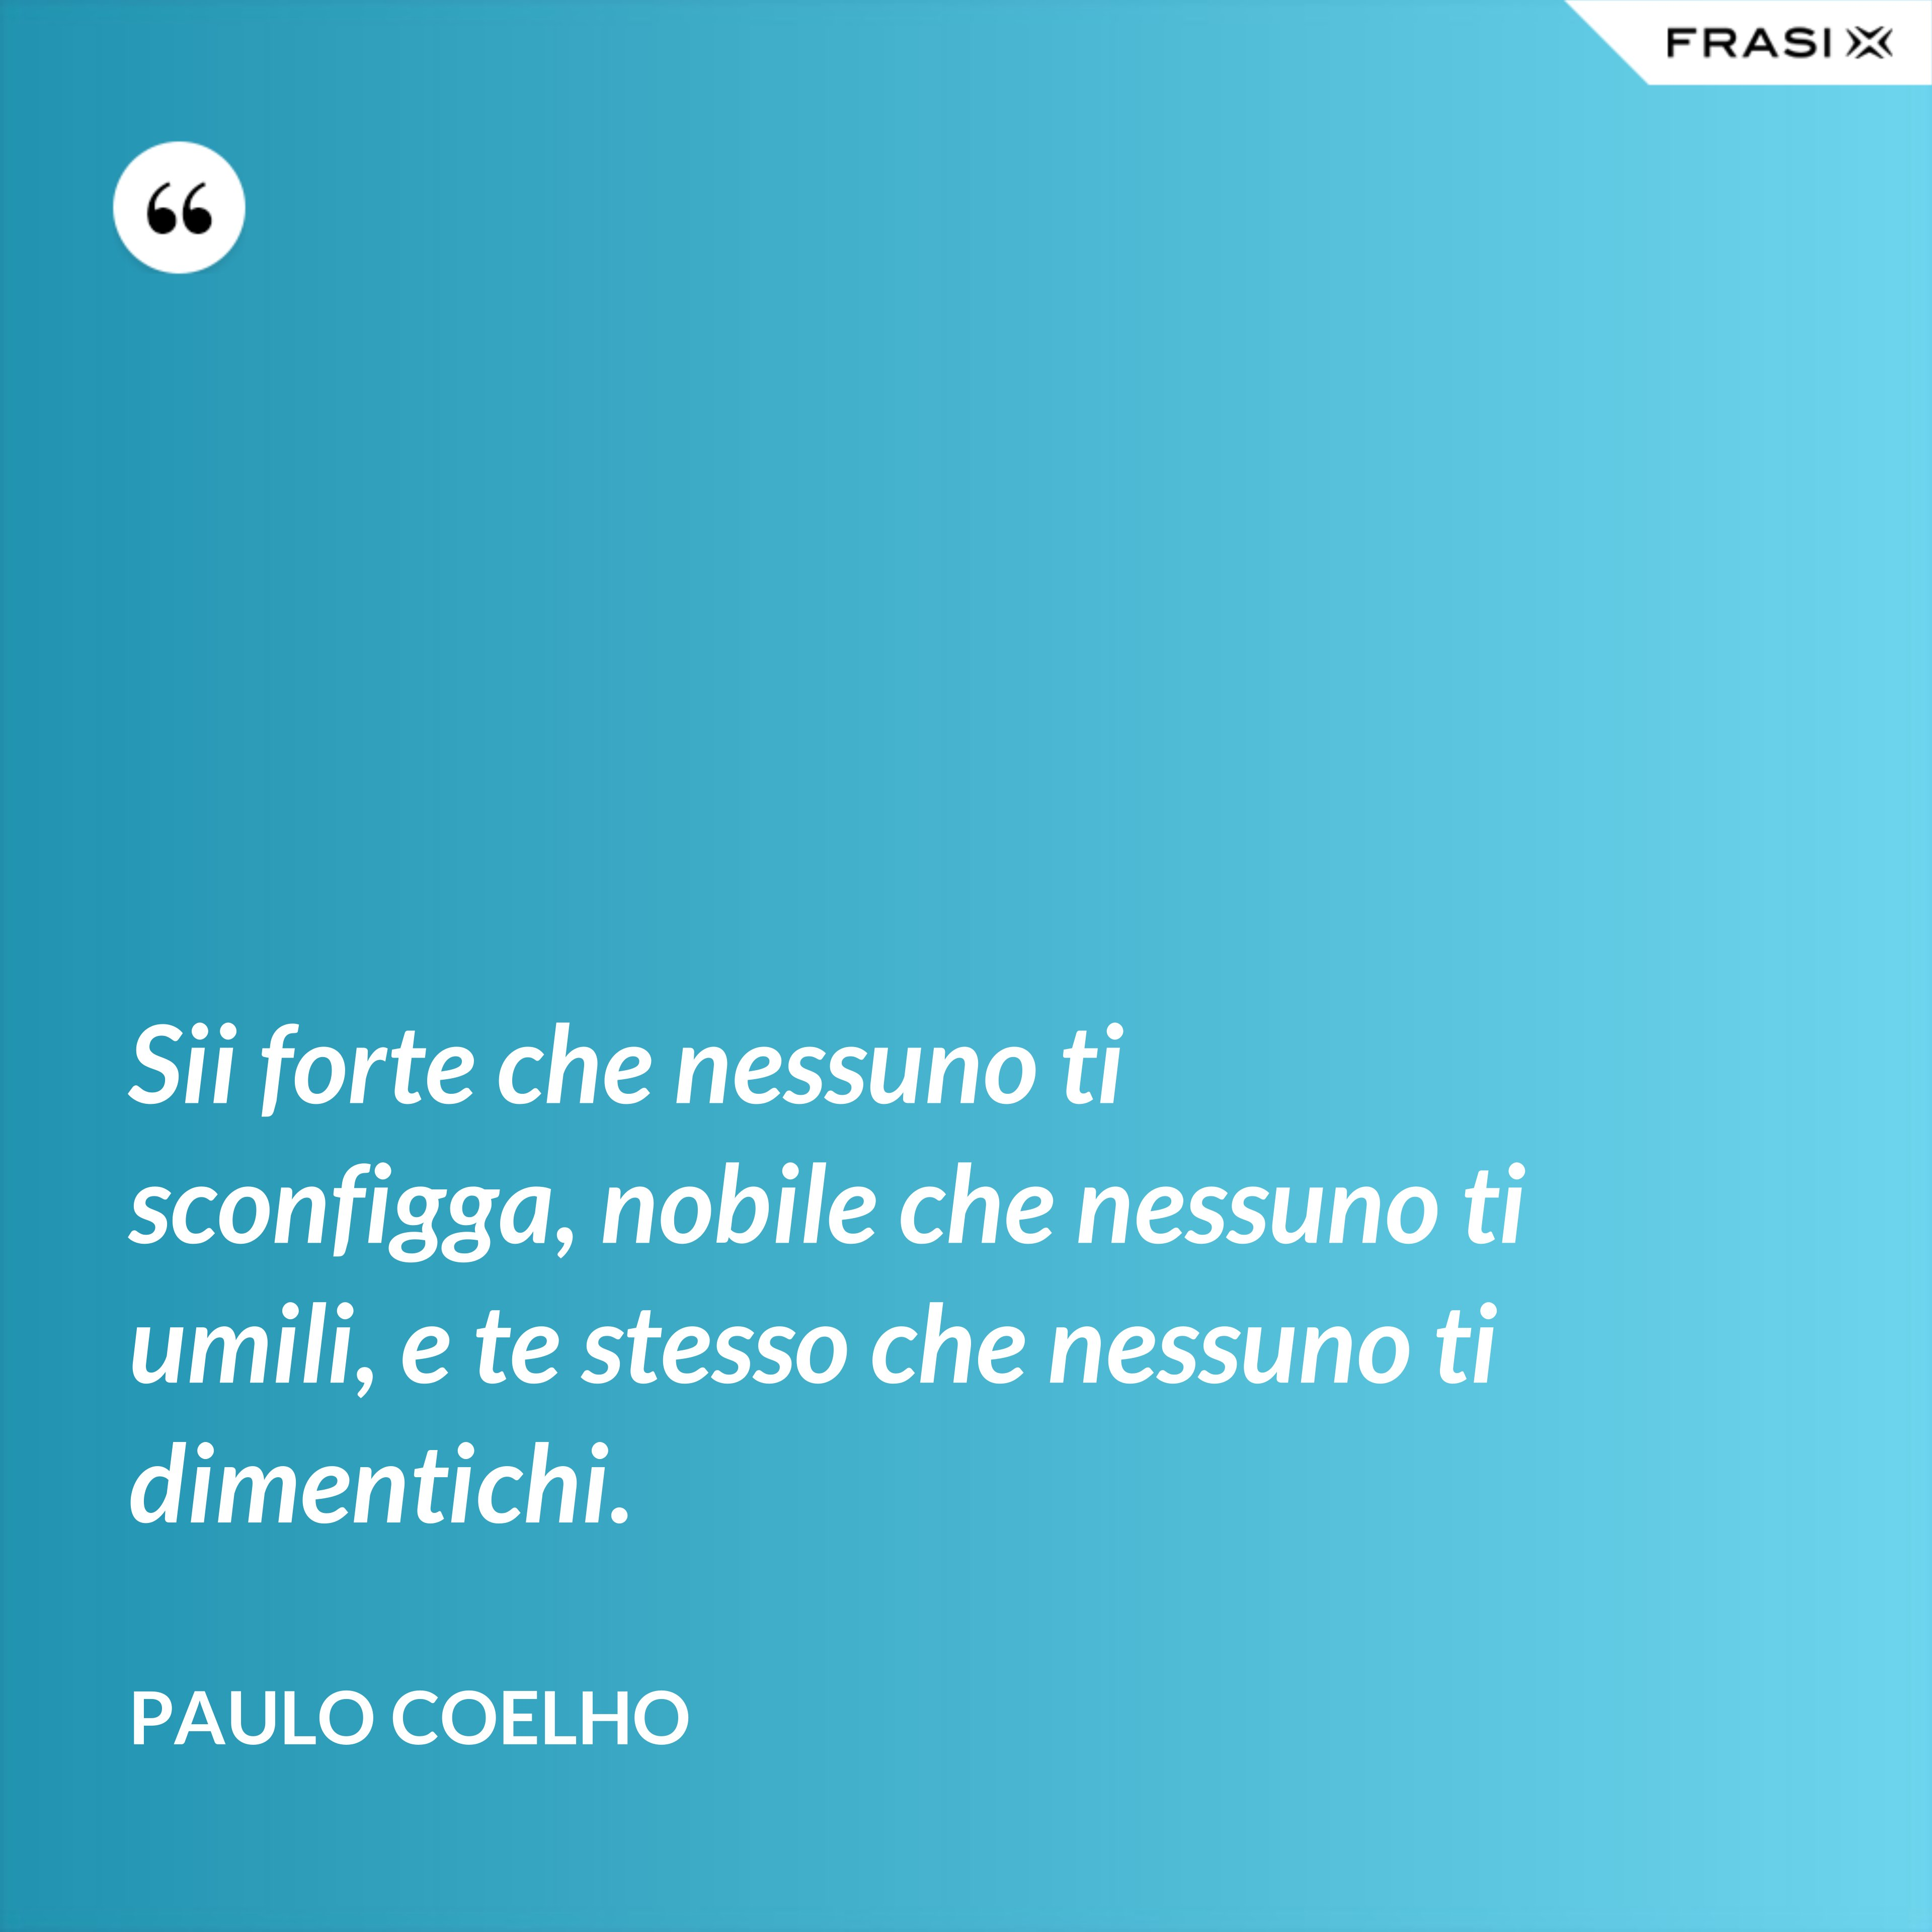 Sii forte che nessuno ti sconfigga, nobile che nessuno ti umili, e te stesso che nessuno ti dimentichi. - Paulo Coelho